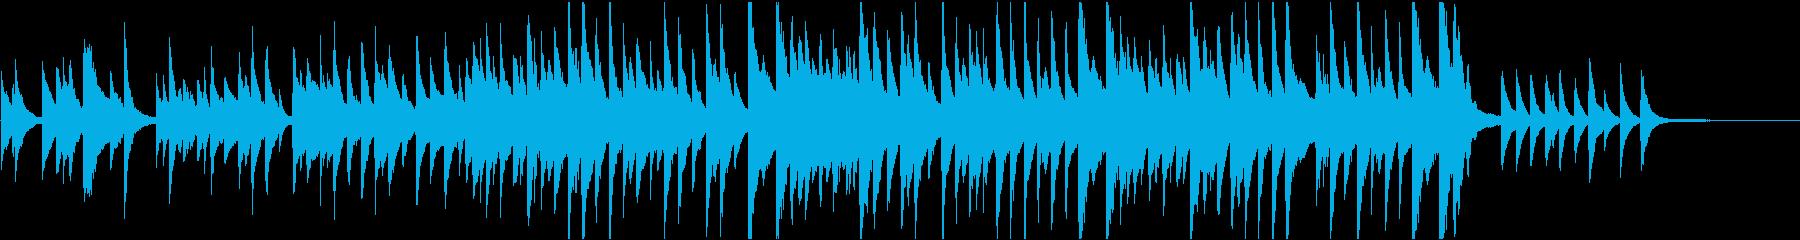 牧人ひつじを ピアノ ジャズの再生済みの波形